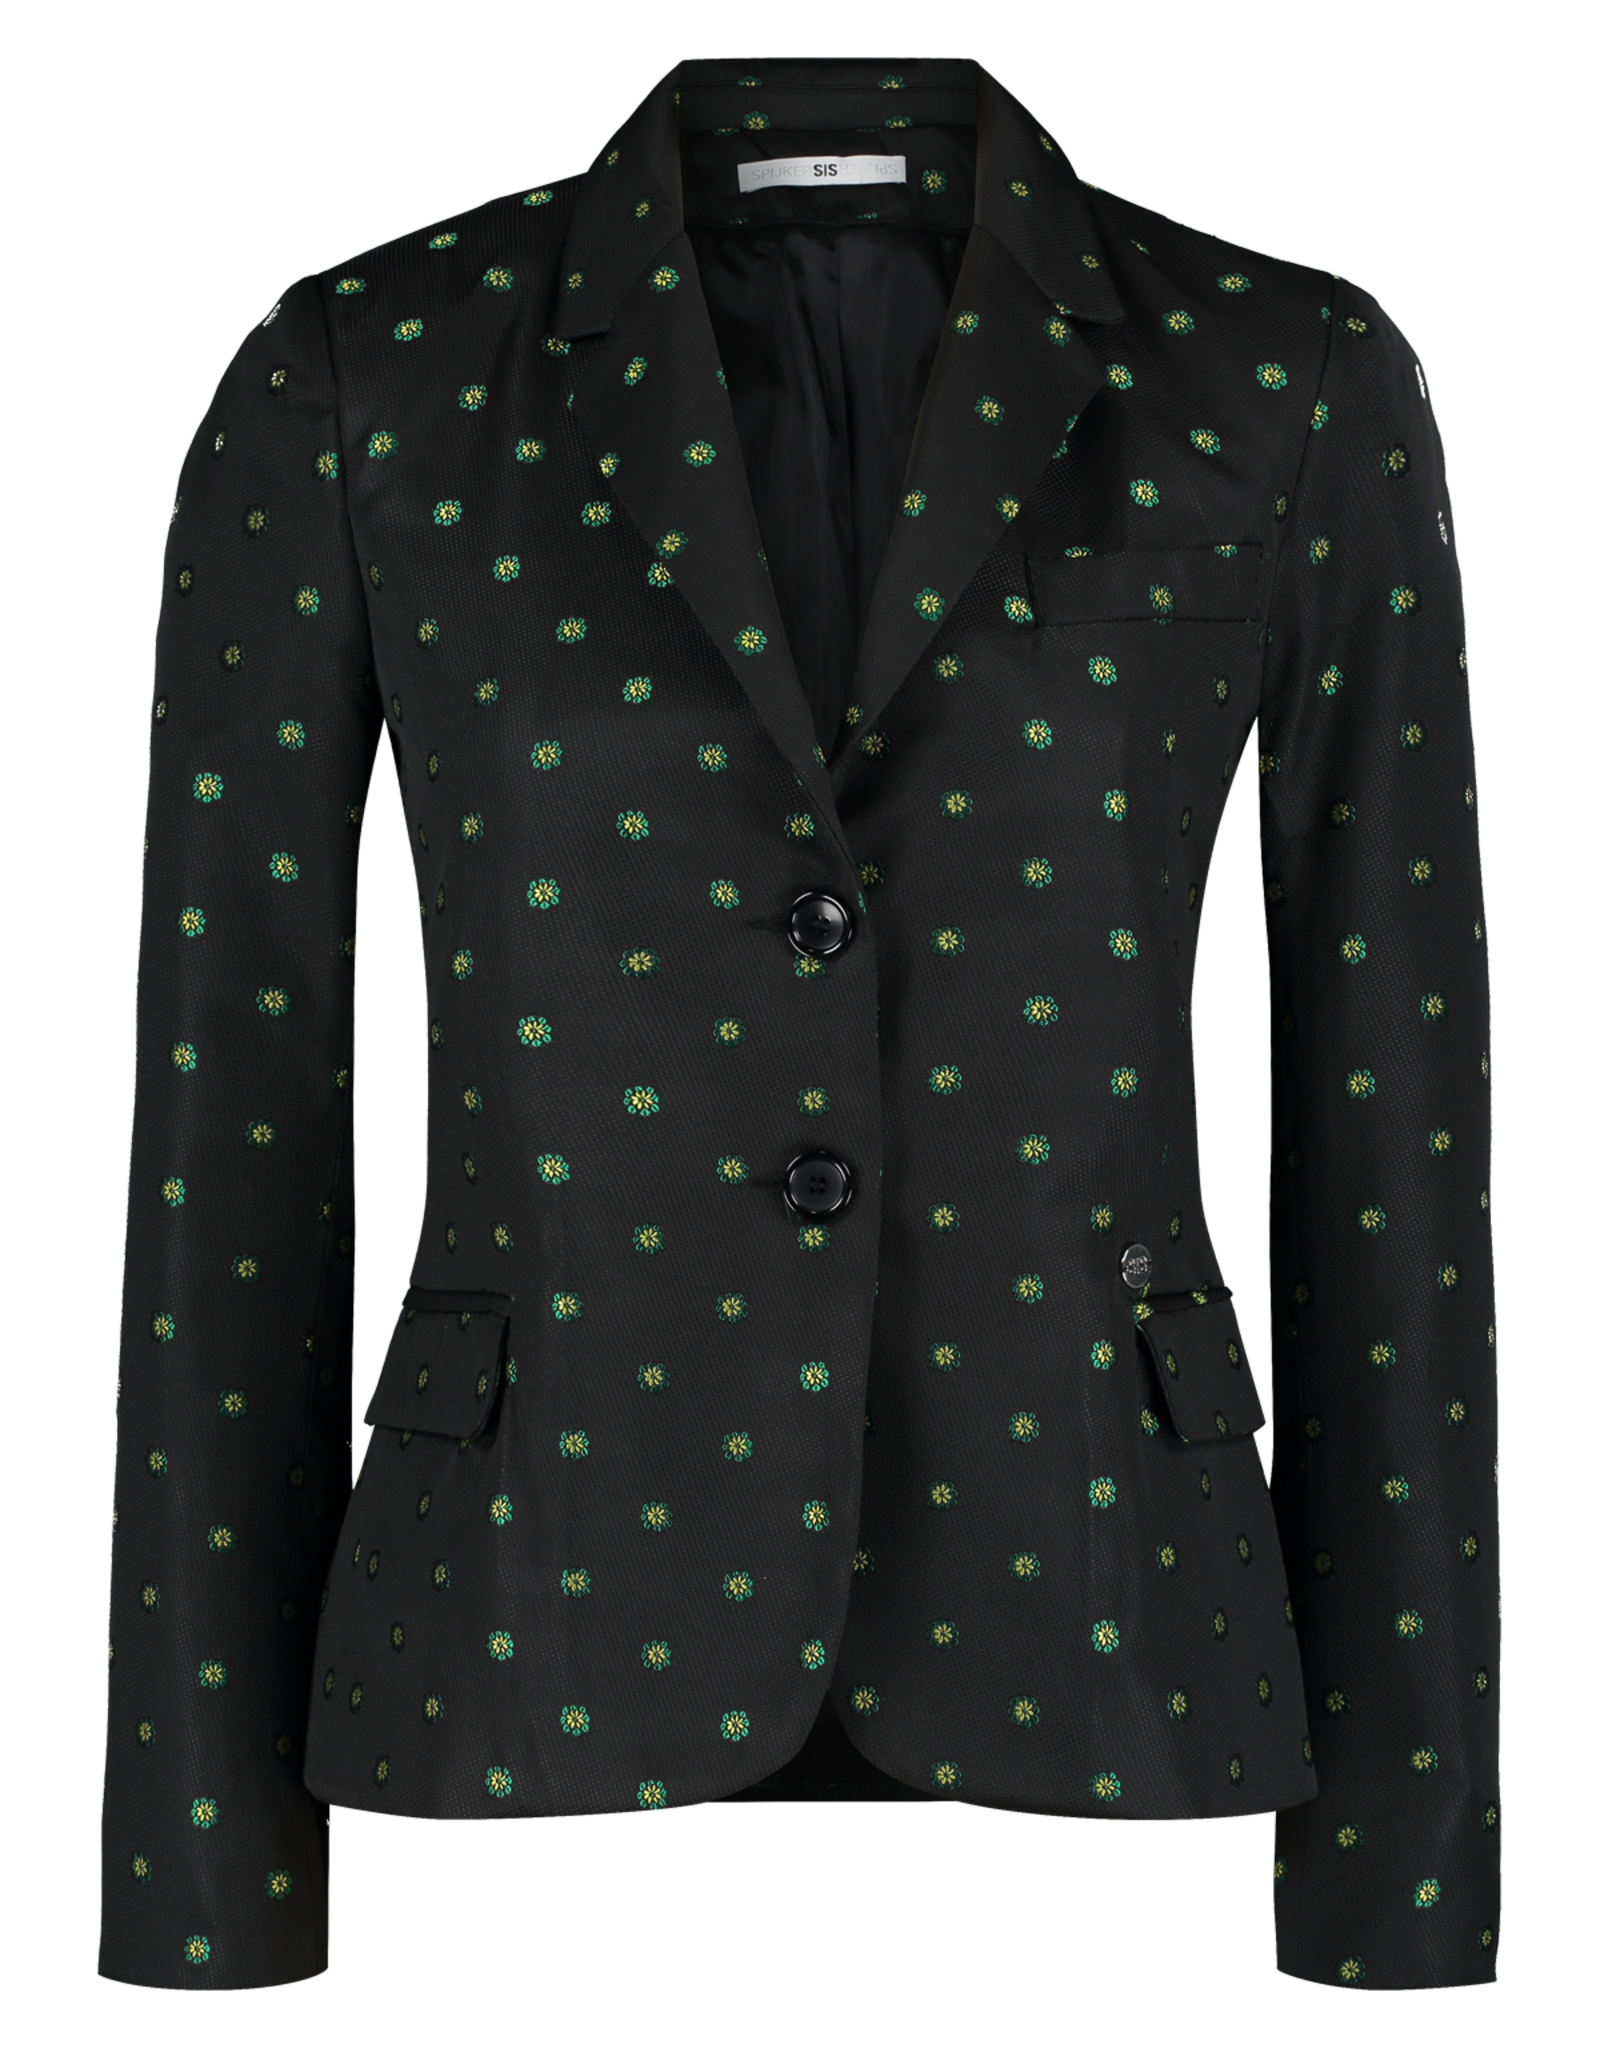 AW1920 400-L Little Jacket